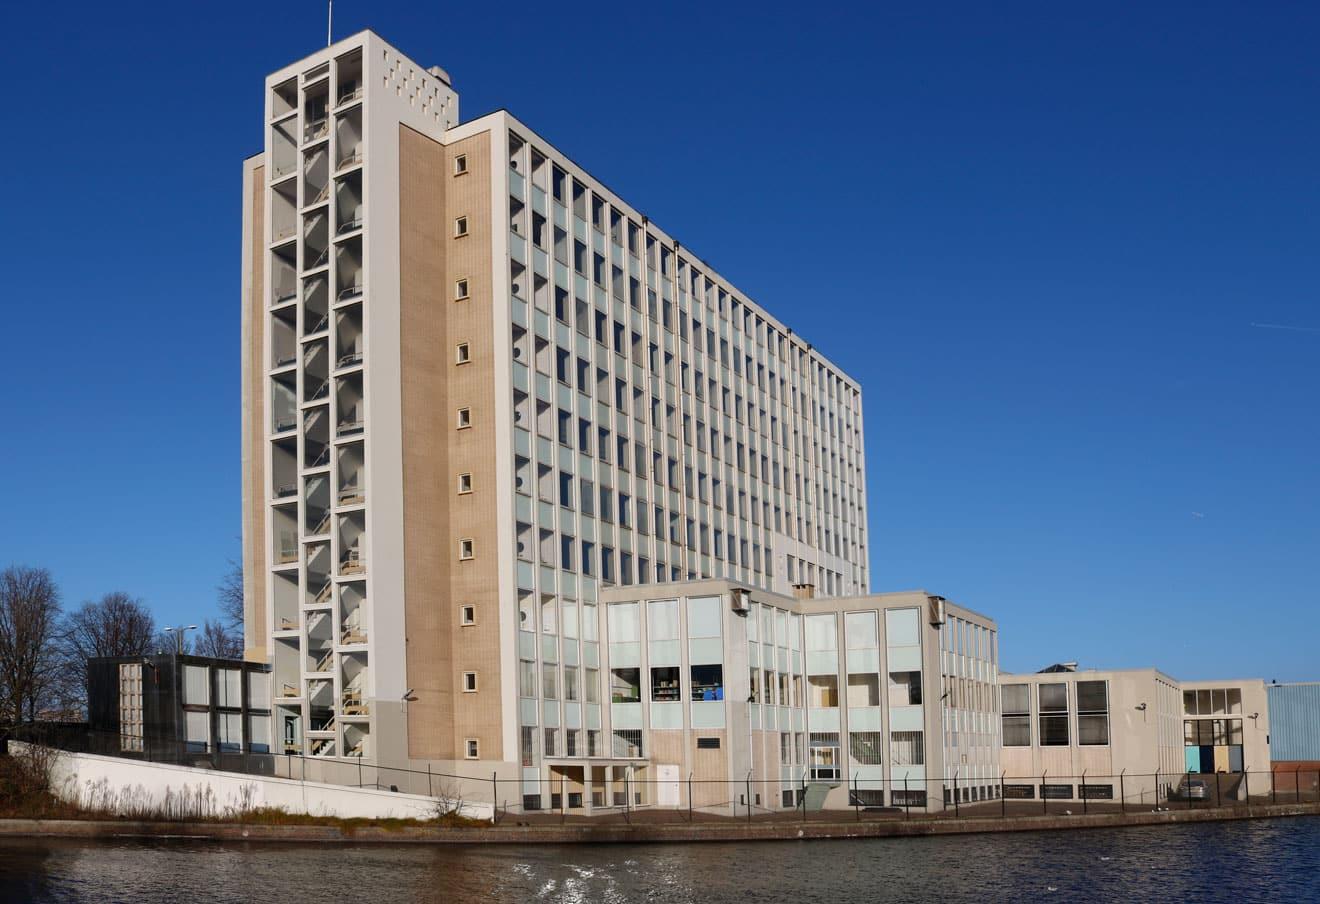 Flatgebouw van de firma Van den Berg gezien vanaf de Troelstrakade, 2017